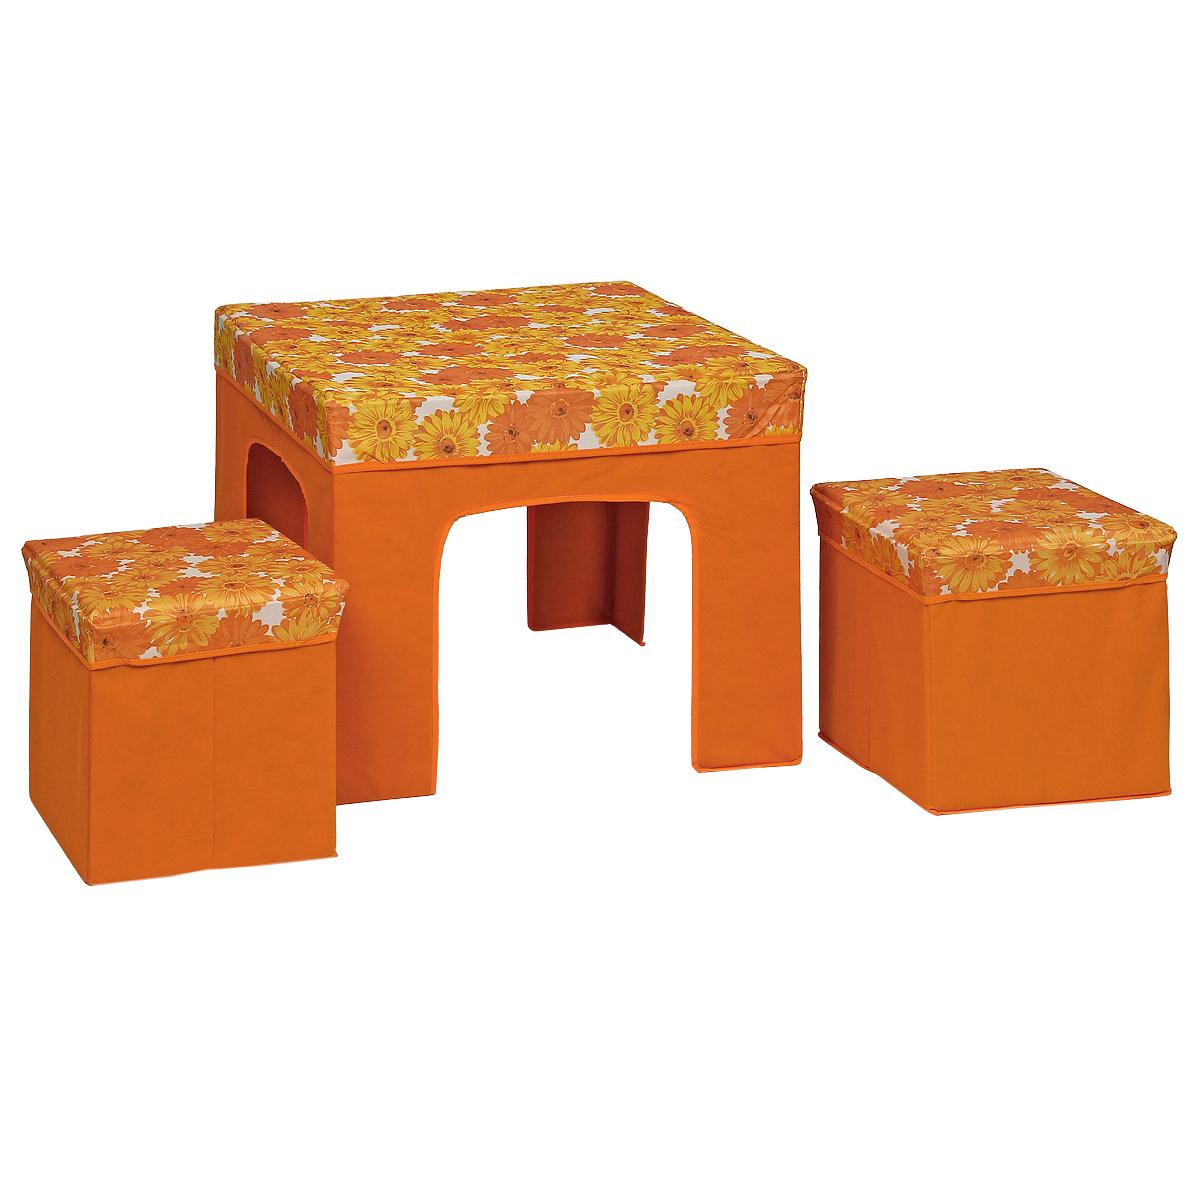 Набор складной мебели Orange, 3 предмета набор складной мебели wildman 3 предмета